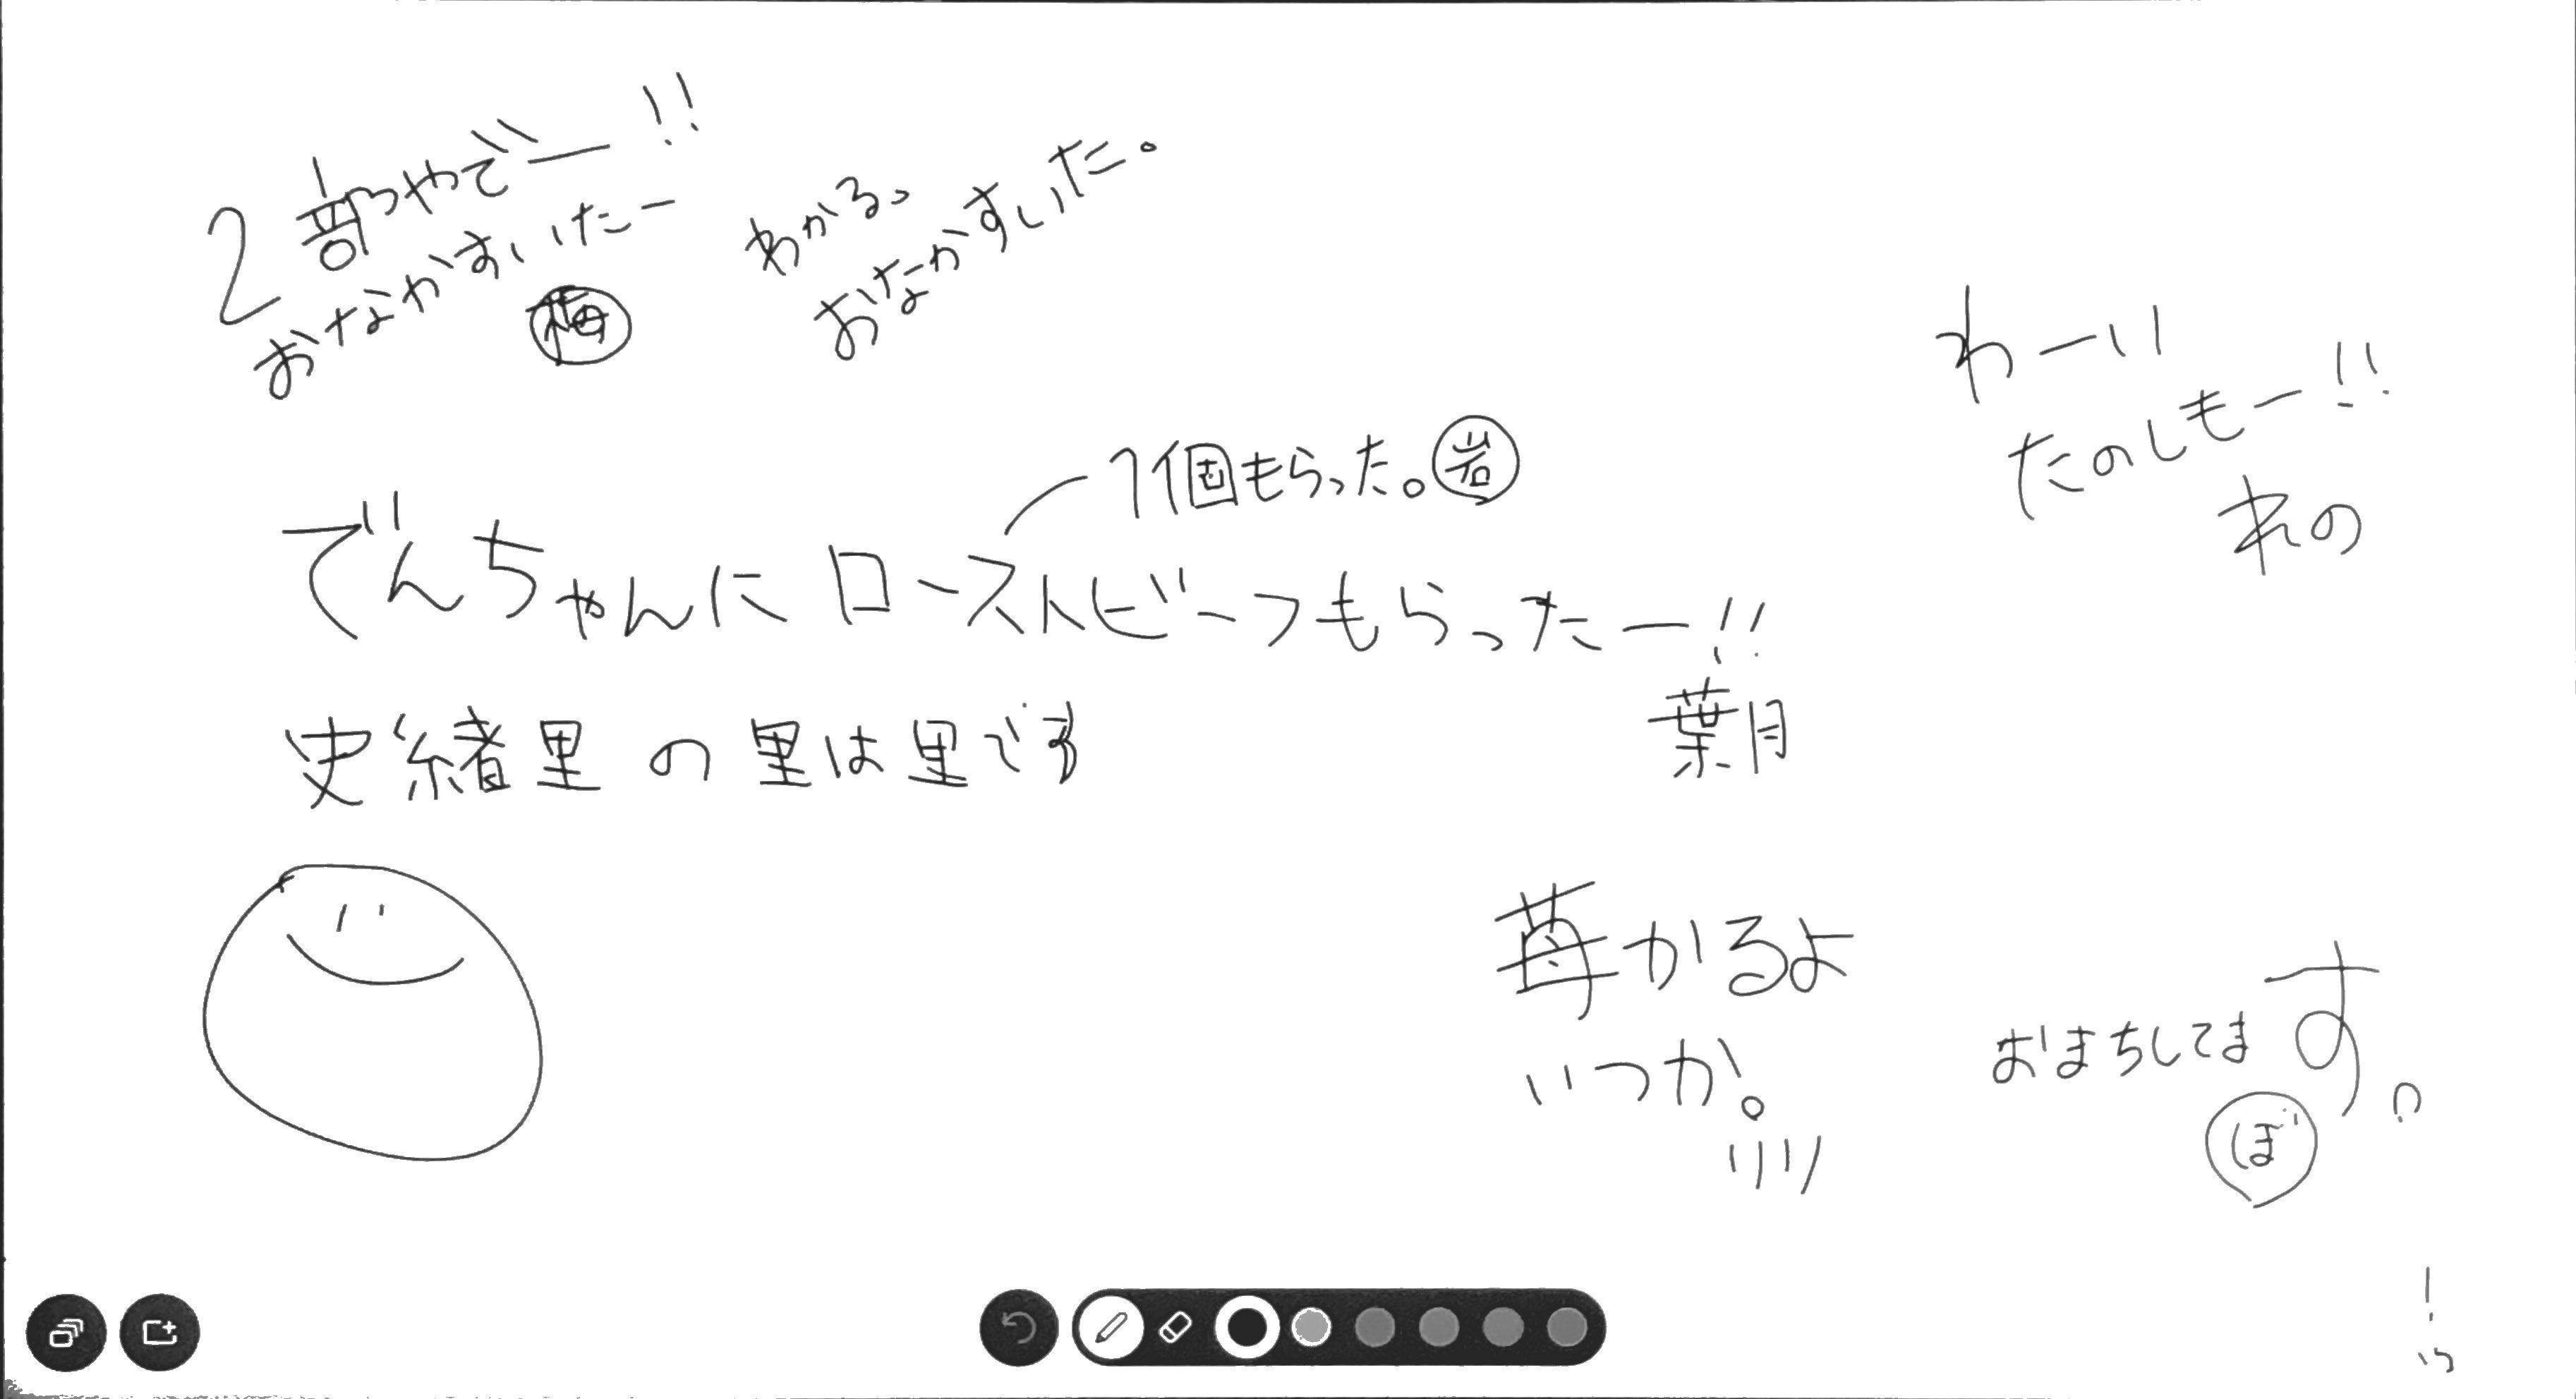 【乃木坂46 22nd東京個握メッセージボード